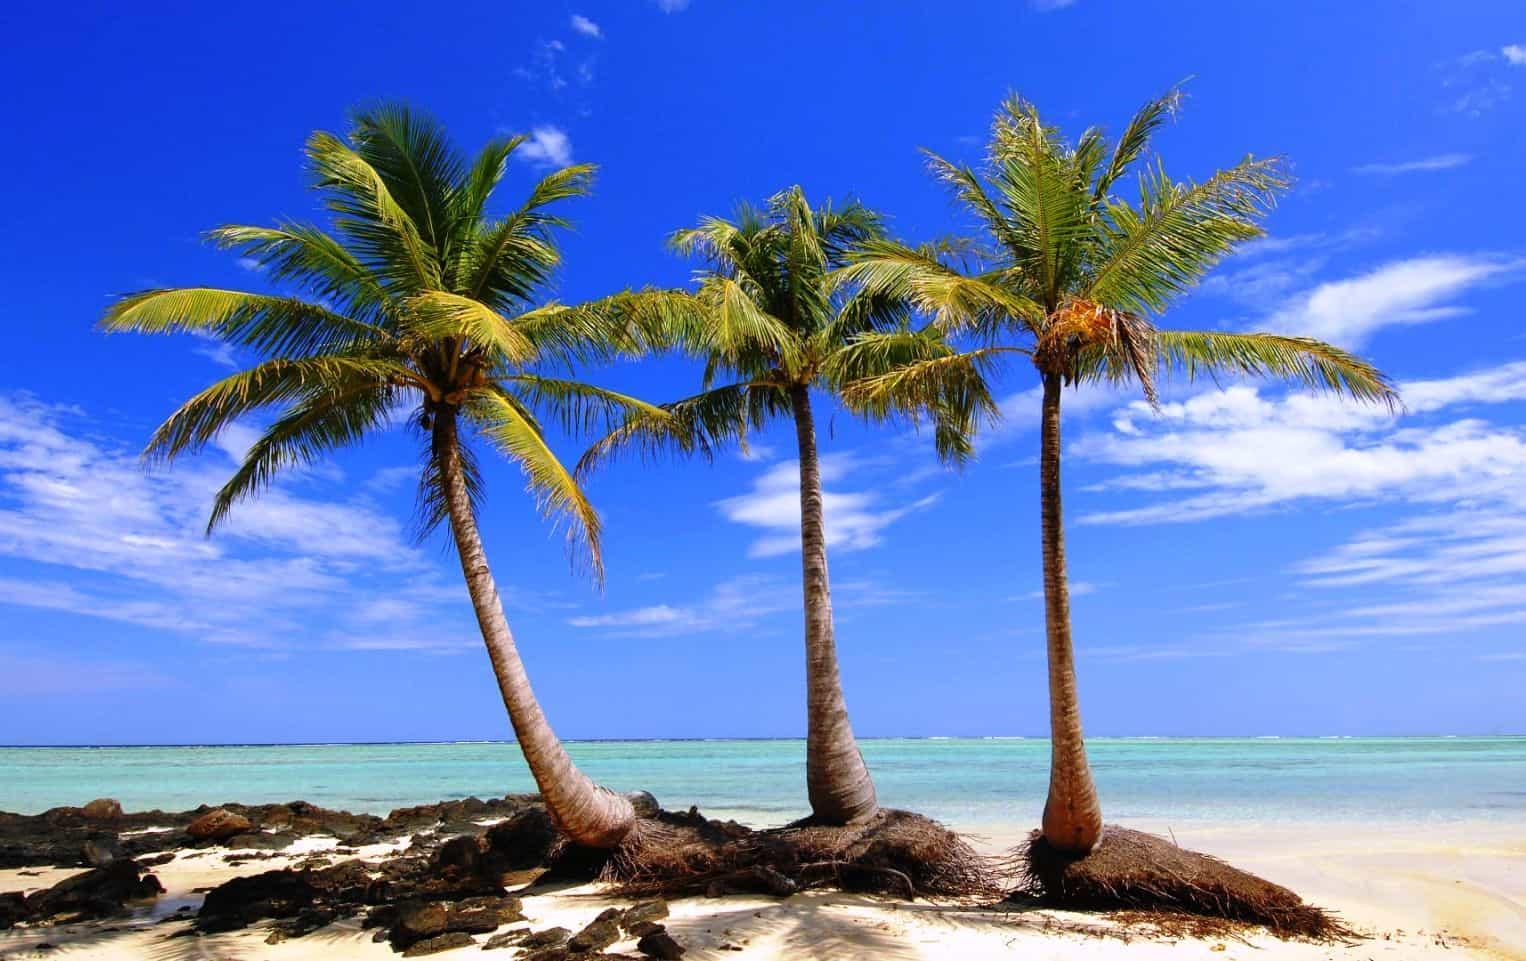 Costa Crociere raddoppia le crociere a Mauritius, Seychelles, Madagascar e Reunion